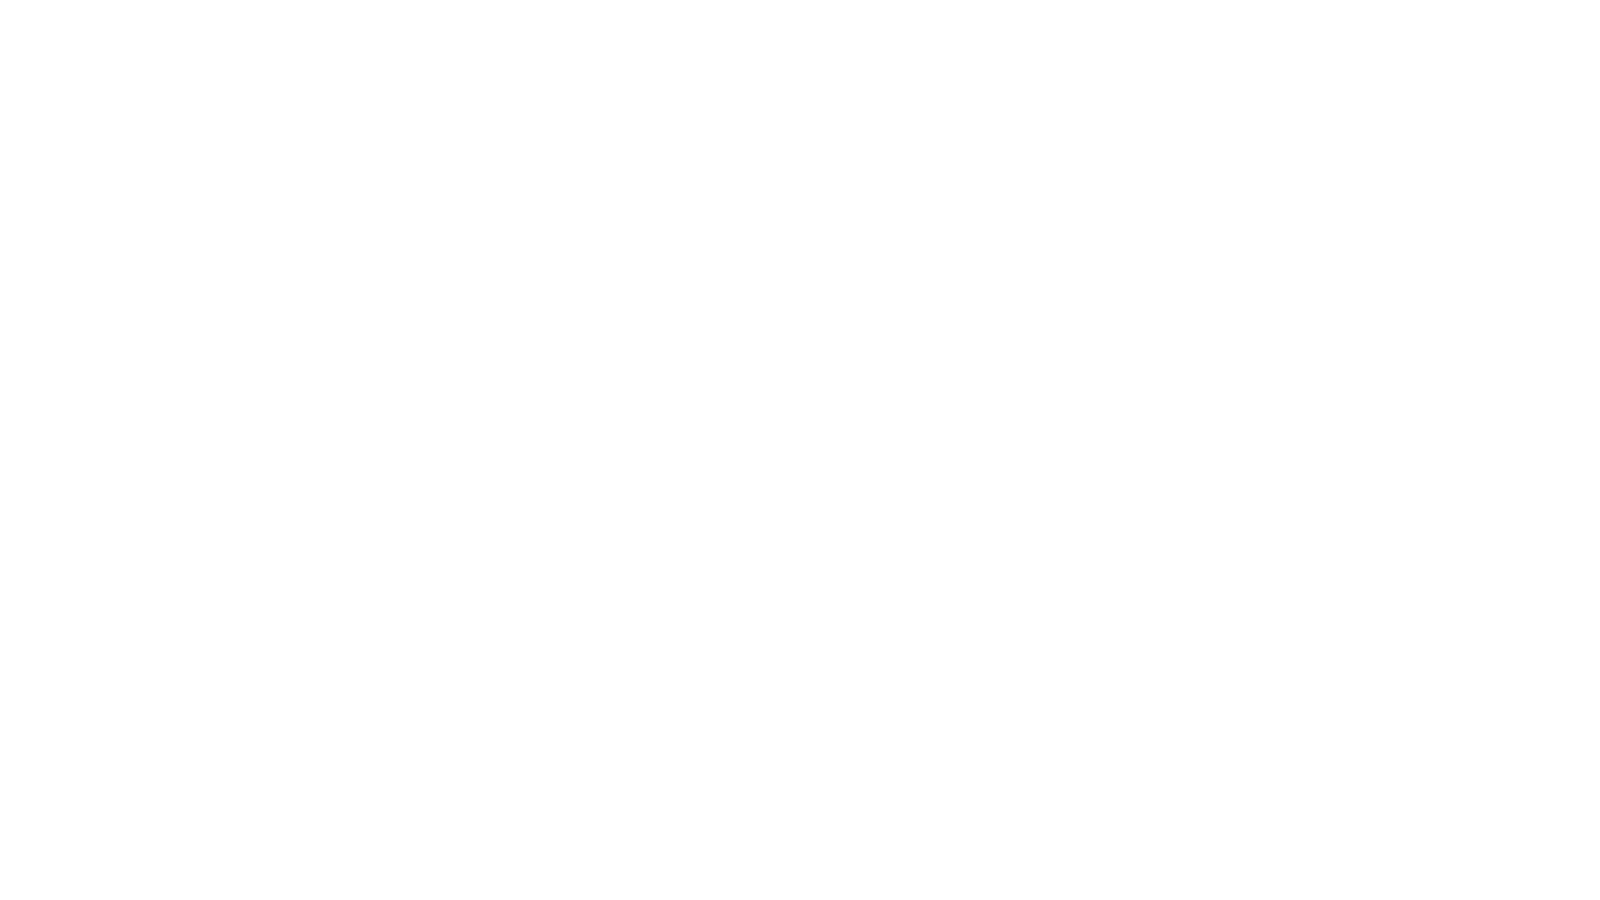 金屬鍛造常用在餐具、工業零件、手工具的生產,還不知道的趕快來認識吧! 【記得訂閱我們開啟小鈴鐺才可以看到最新的影片哦】 閱讀設計新聞👉  https://mag.addmaker.tw/ 到臉書找我們👉  https://www.facebook.com/addmakertw#金屬加工 #量產 #工藝